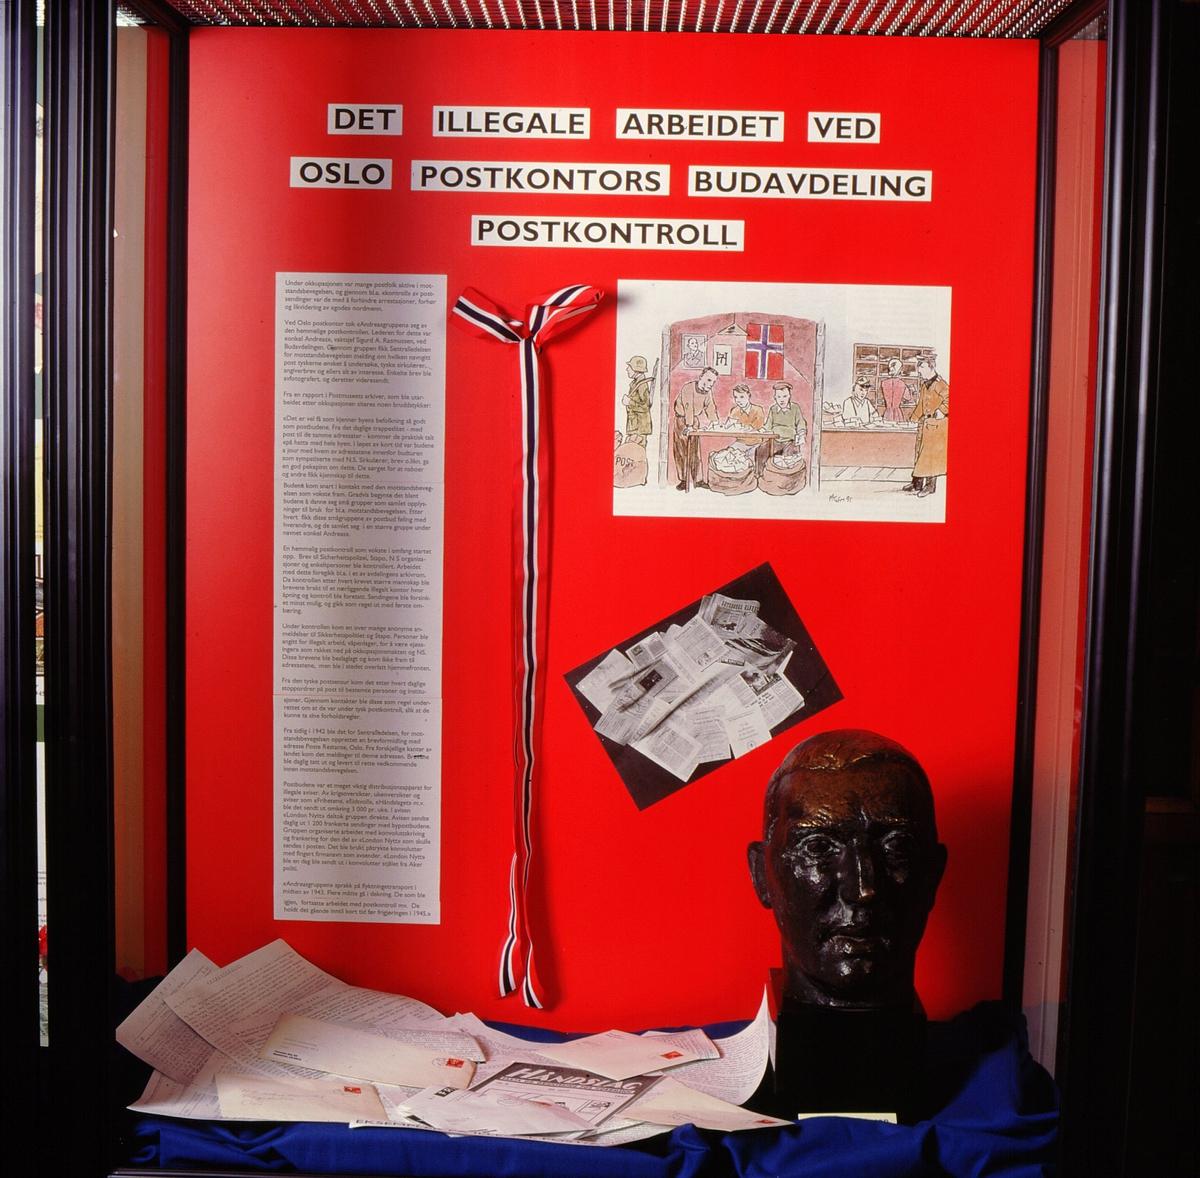 postmuseet, Kirkegata 20, utstilling, frigjøringsjubileet, 8. mai 1995, det illegale arbeidet ved Oslo postkontors budavdeling, postkontroll, byste